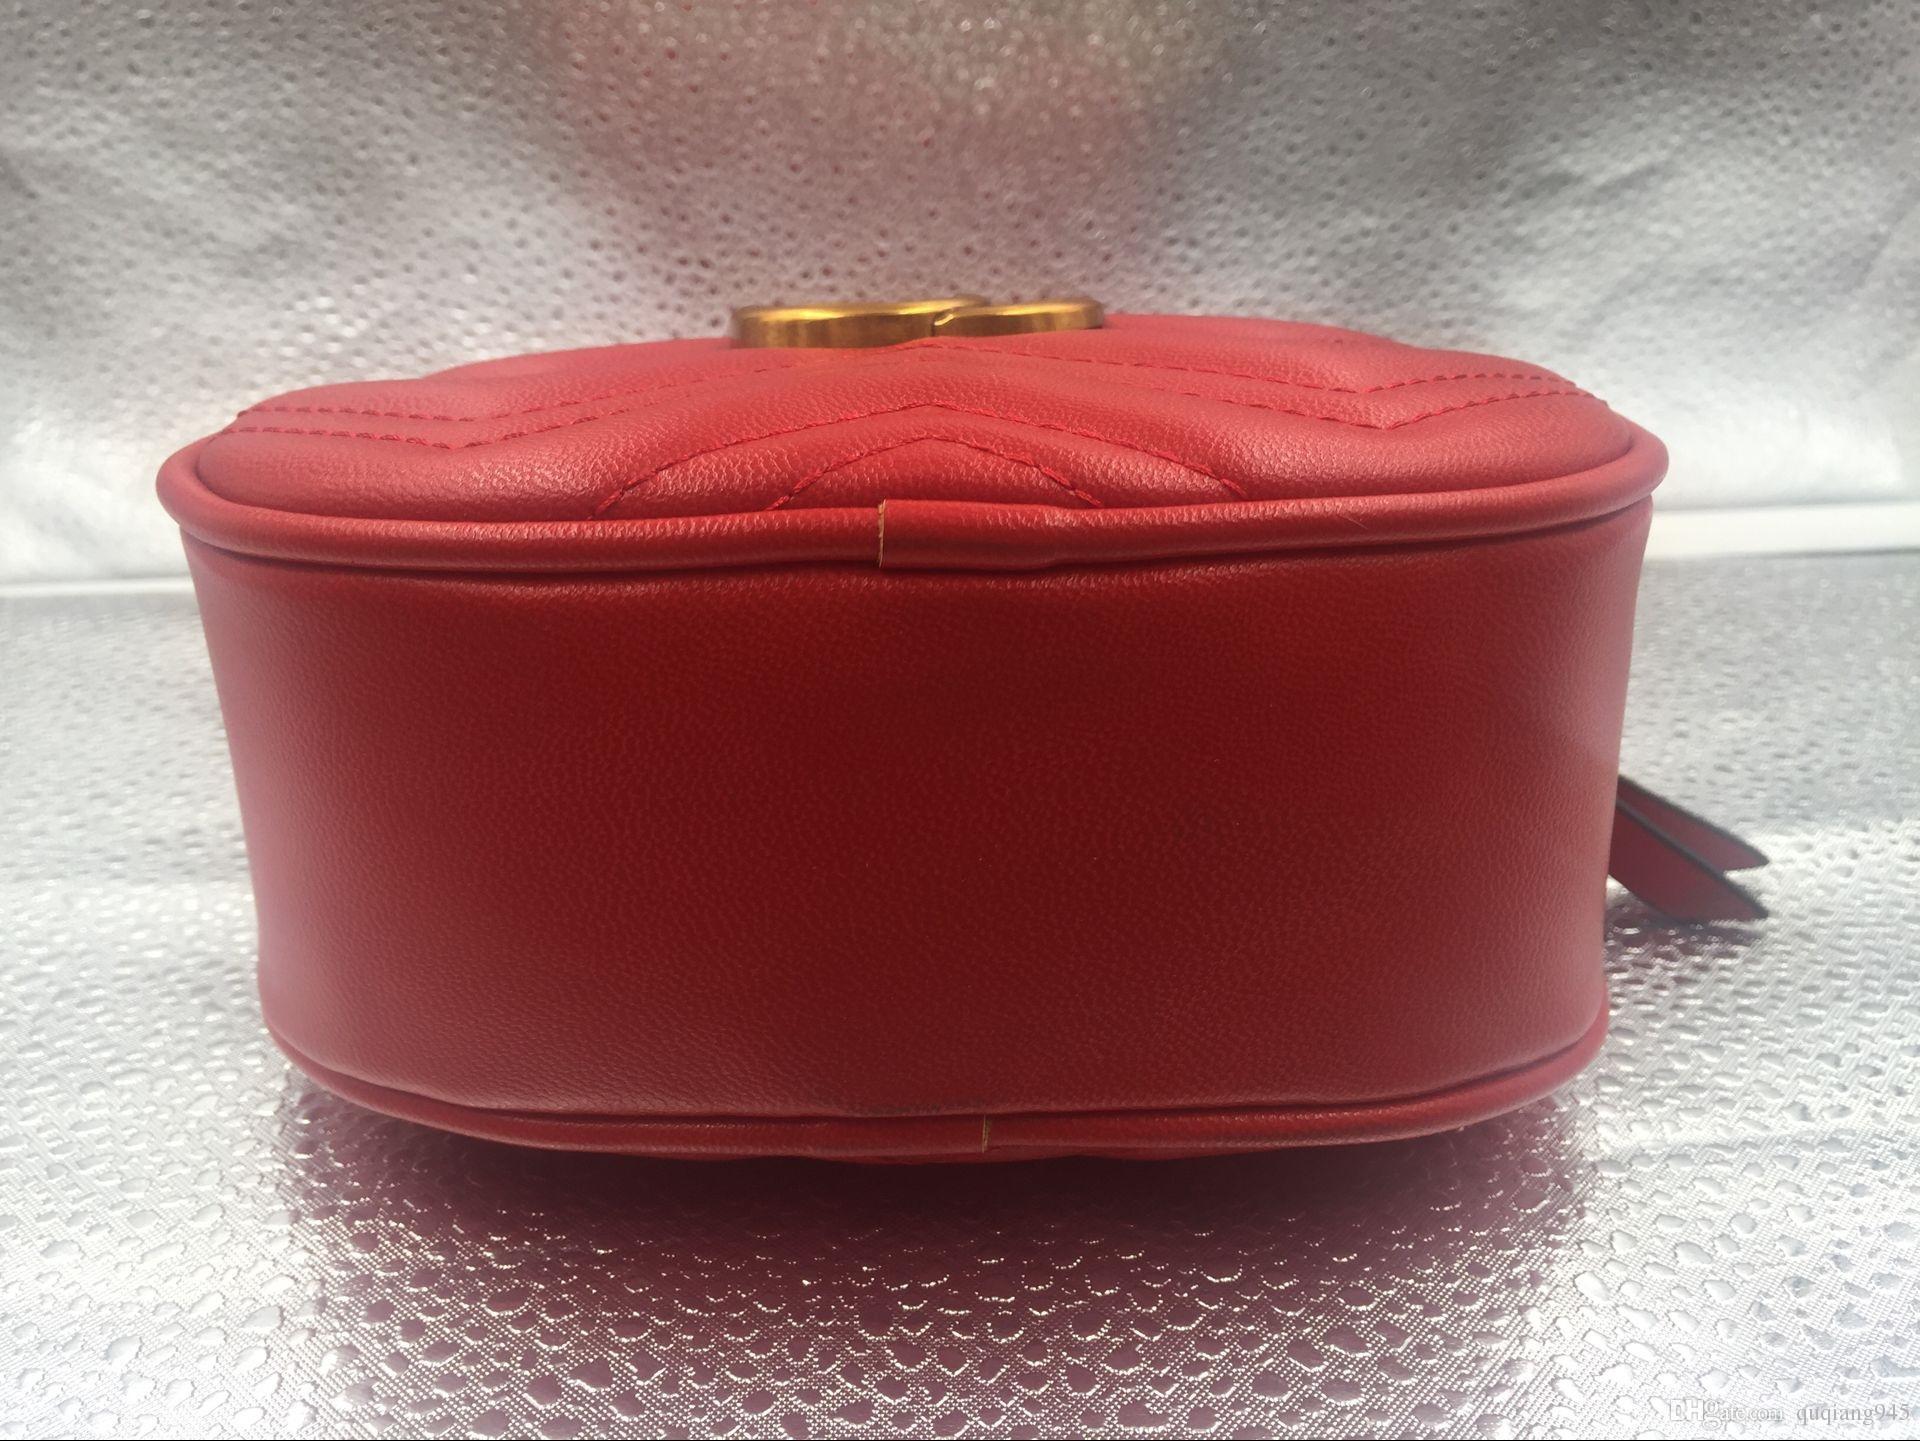 Fashion Waist Bag for Women Solid Waist Packs Luxury Brand Belt bag PU Leather Fanny Pack Velvet Chest Bag